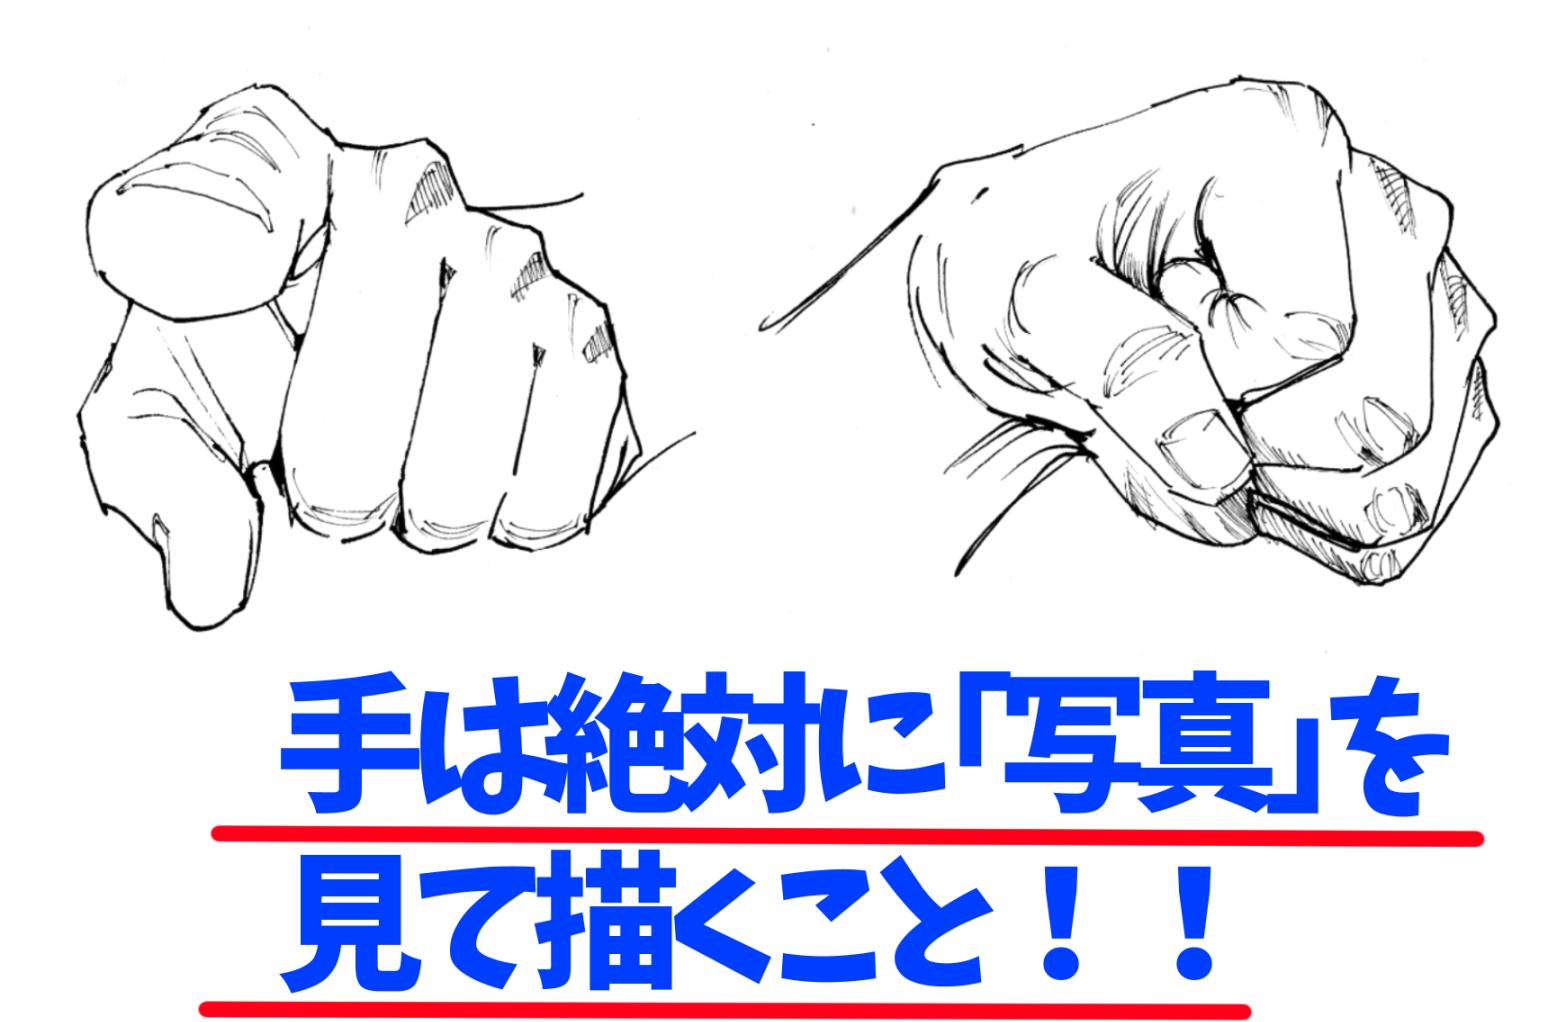 手の描き方 上達の練習法